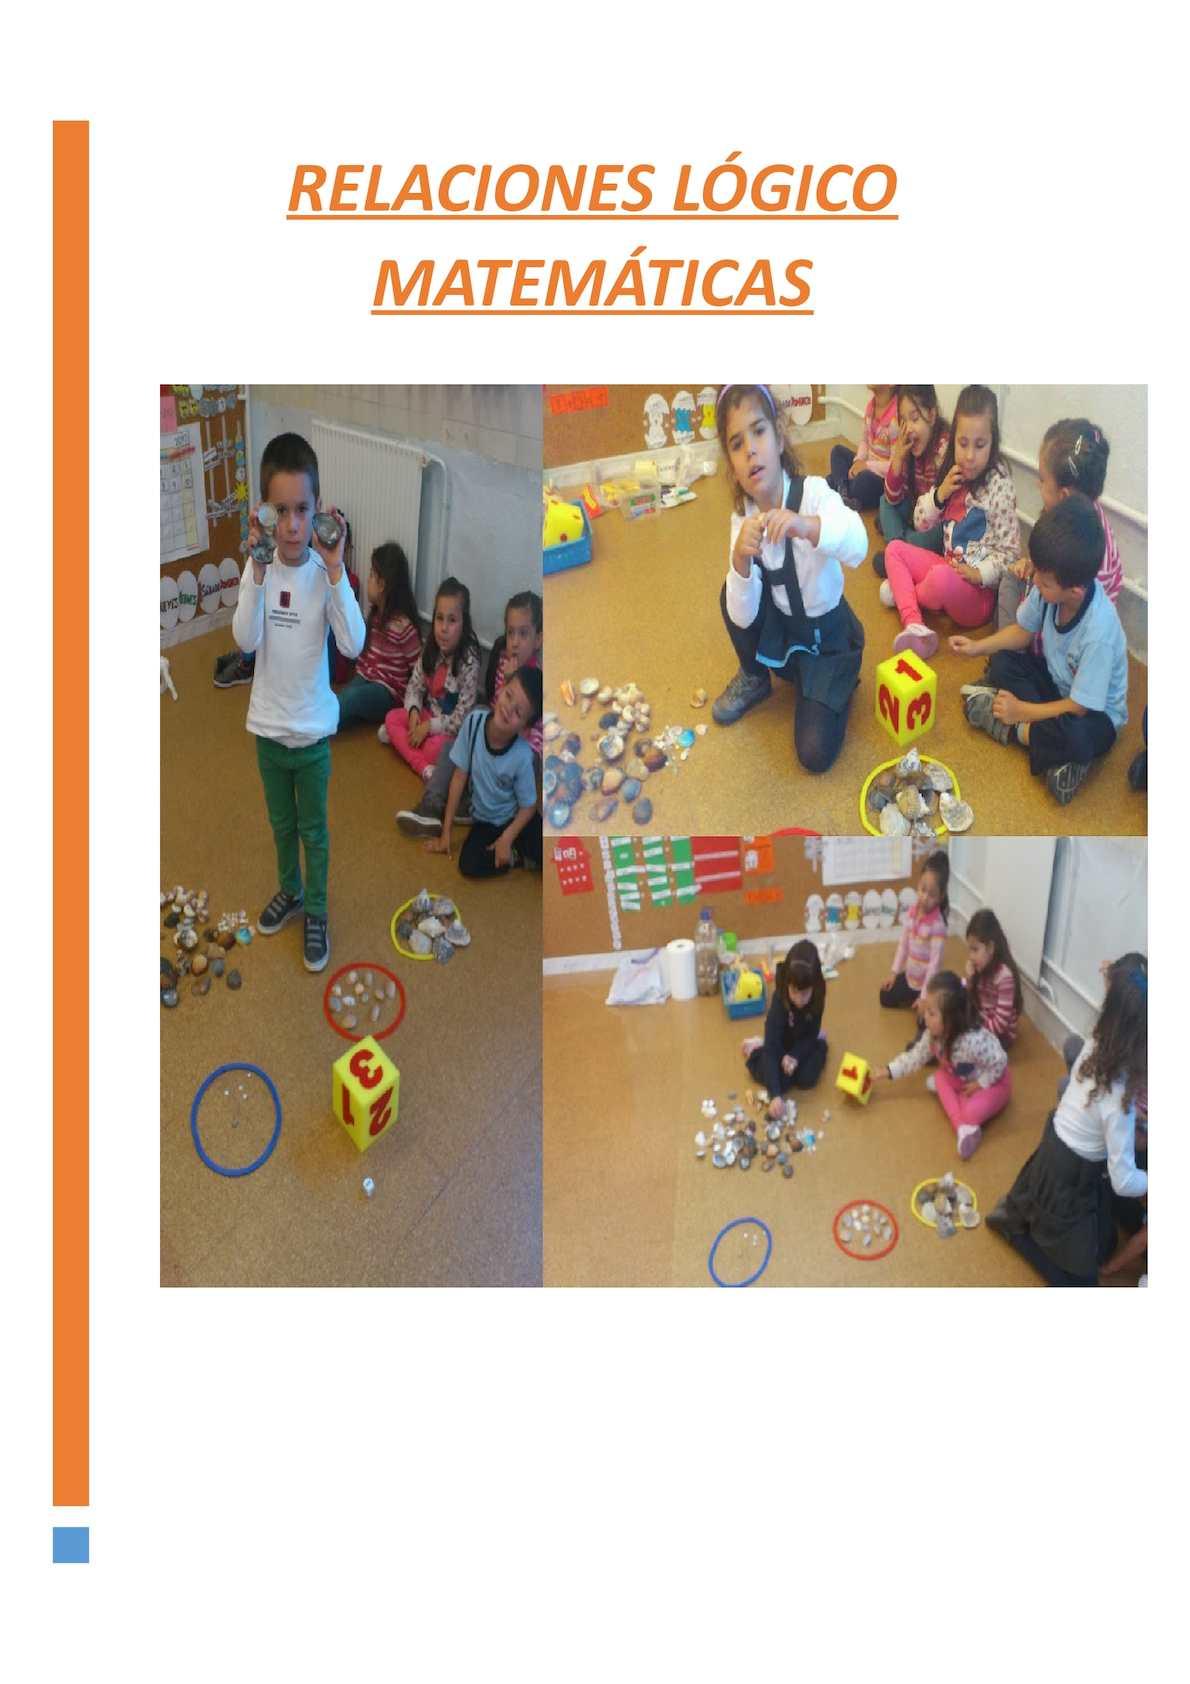 Relaciones Lógico Matemáticas,,,,,,